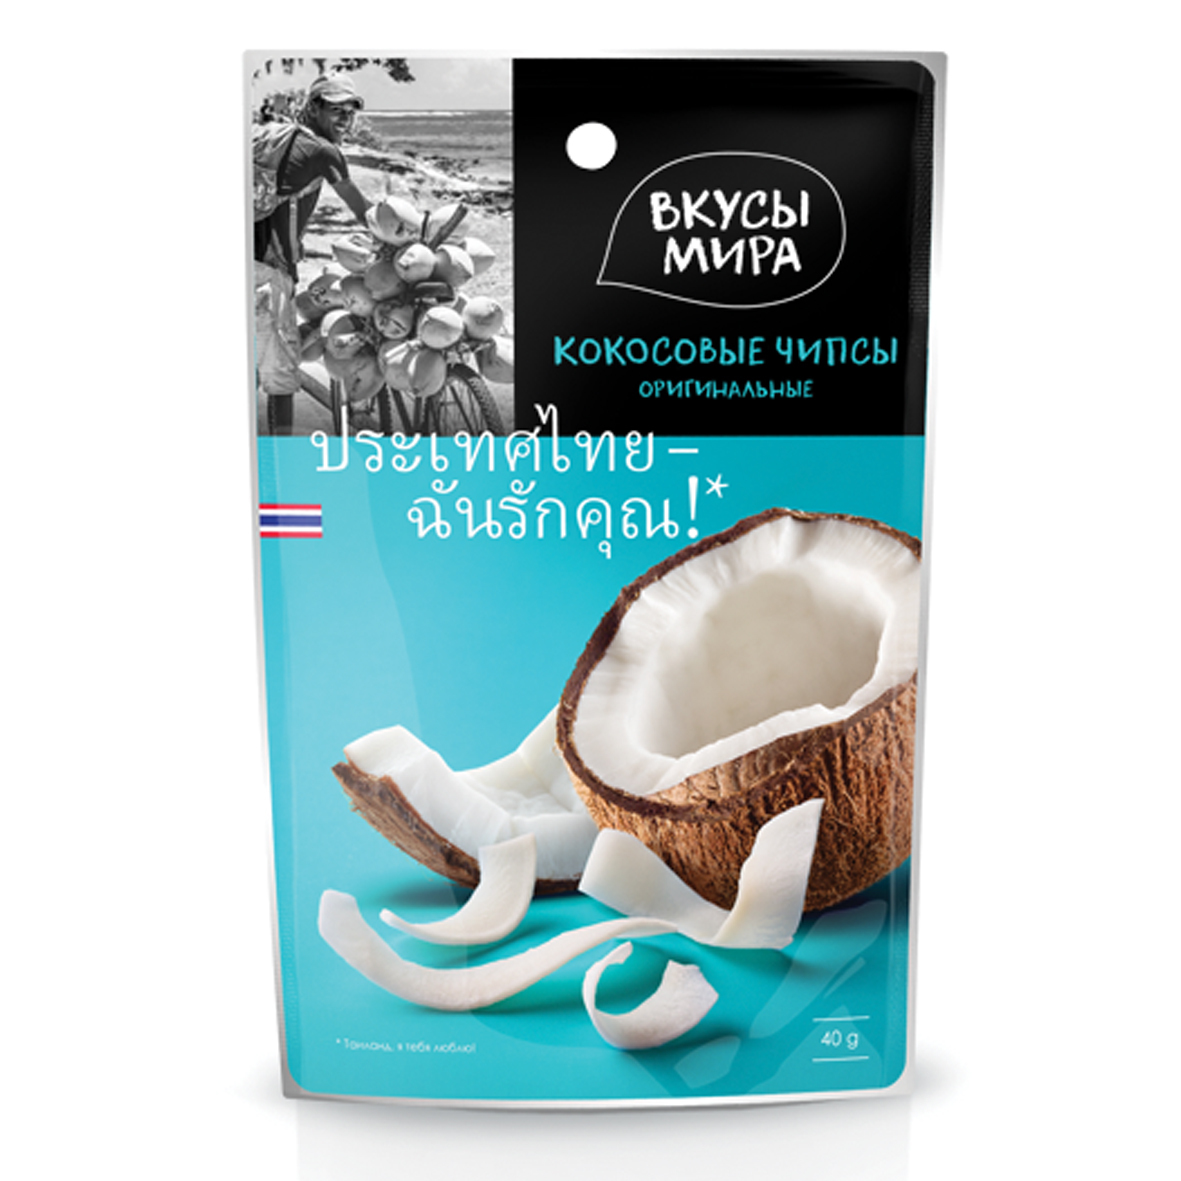 Кокосовые чипсы оригинальные 40 гр